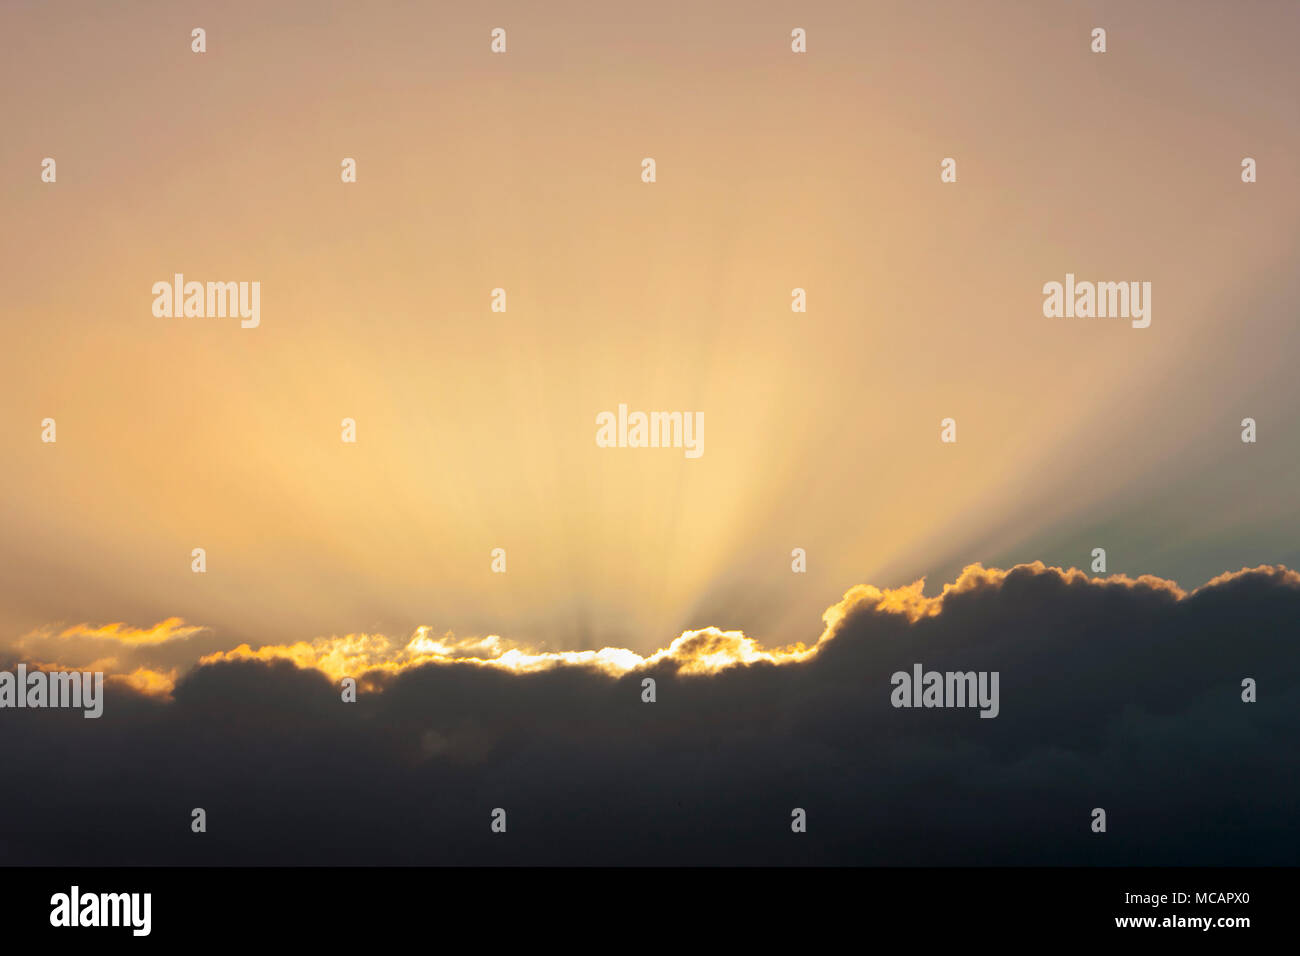 Rayons de soleil d'or sortant de derrière un nuage sombre au coucher du soleil Photo Stock